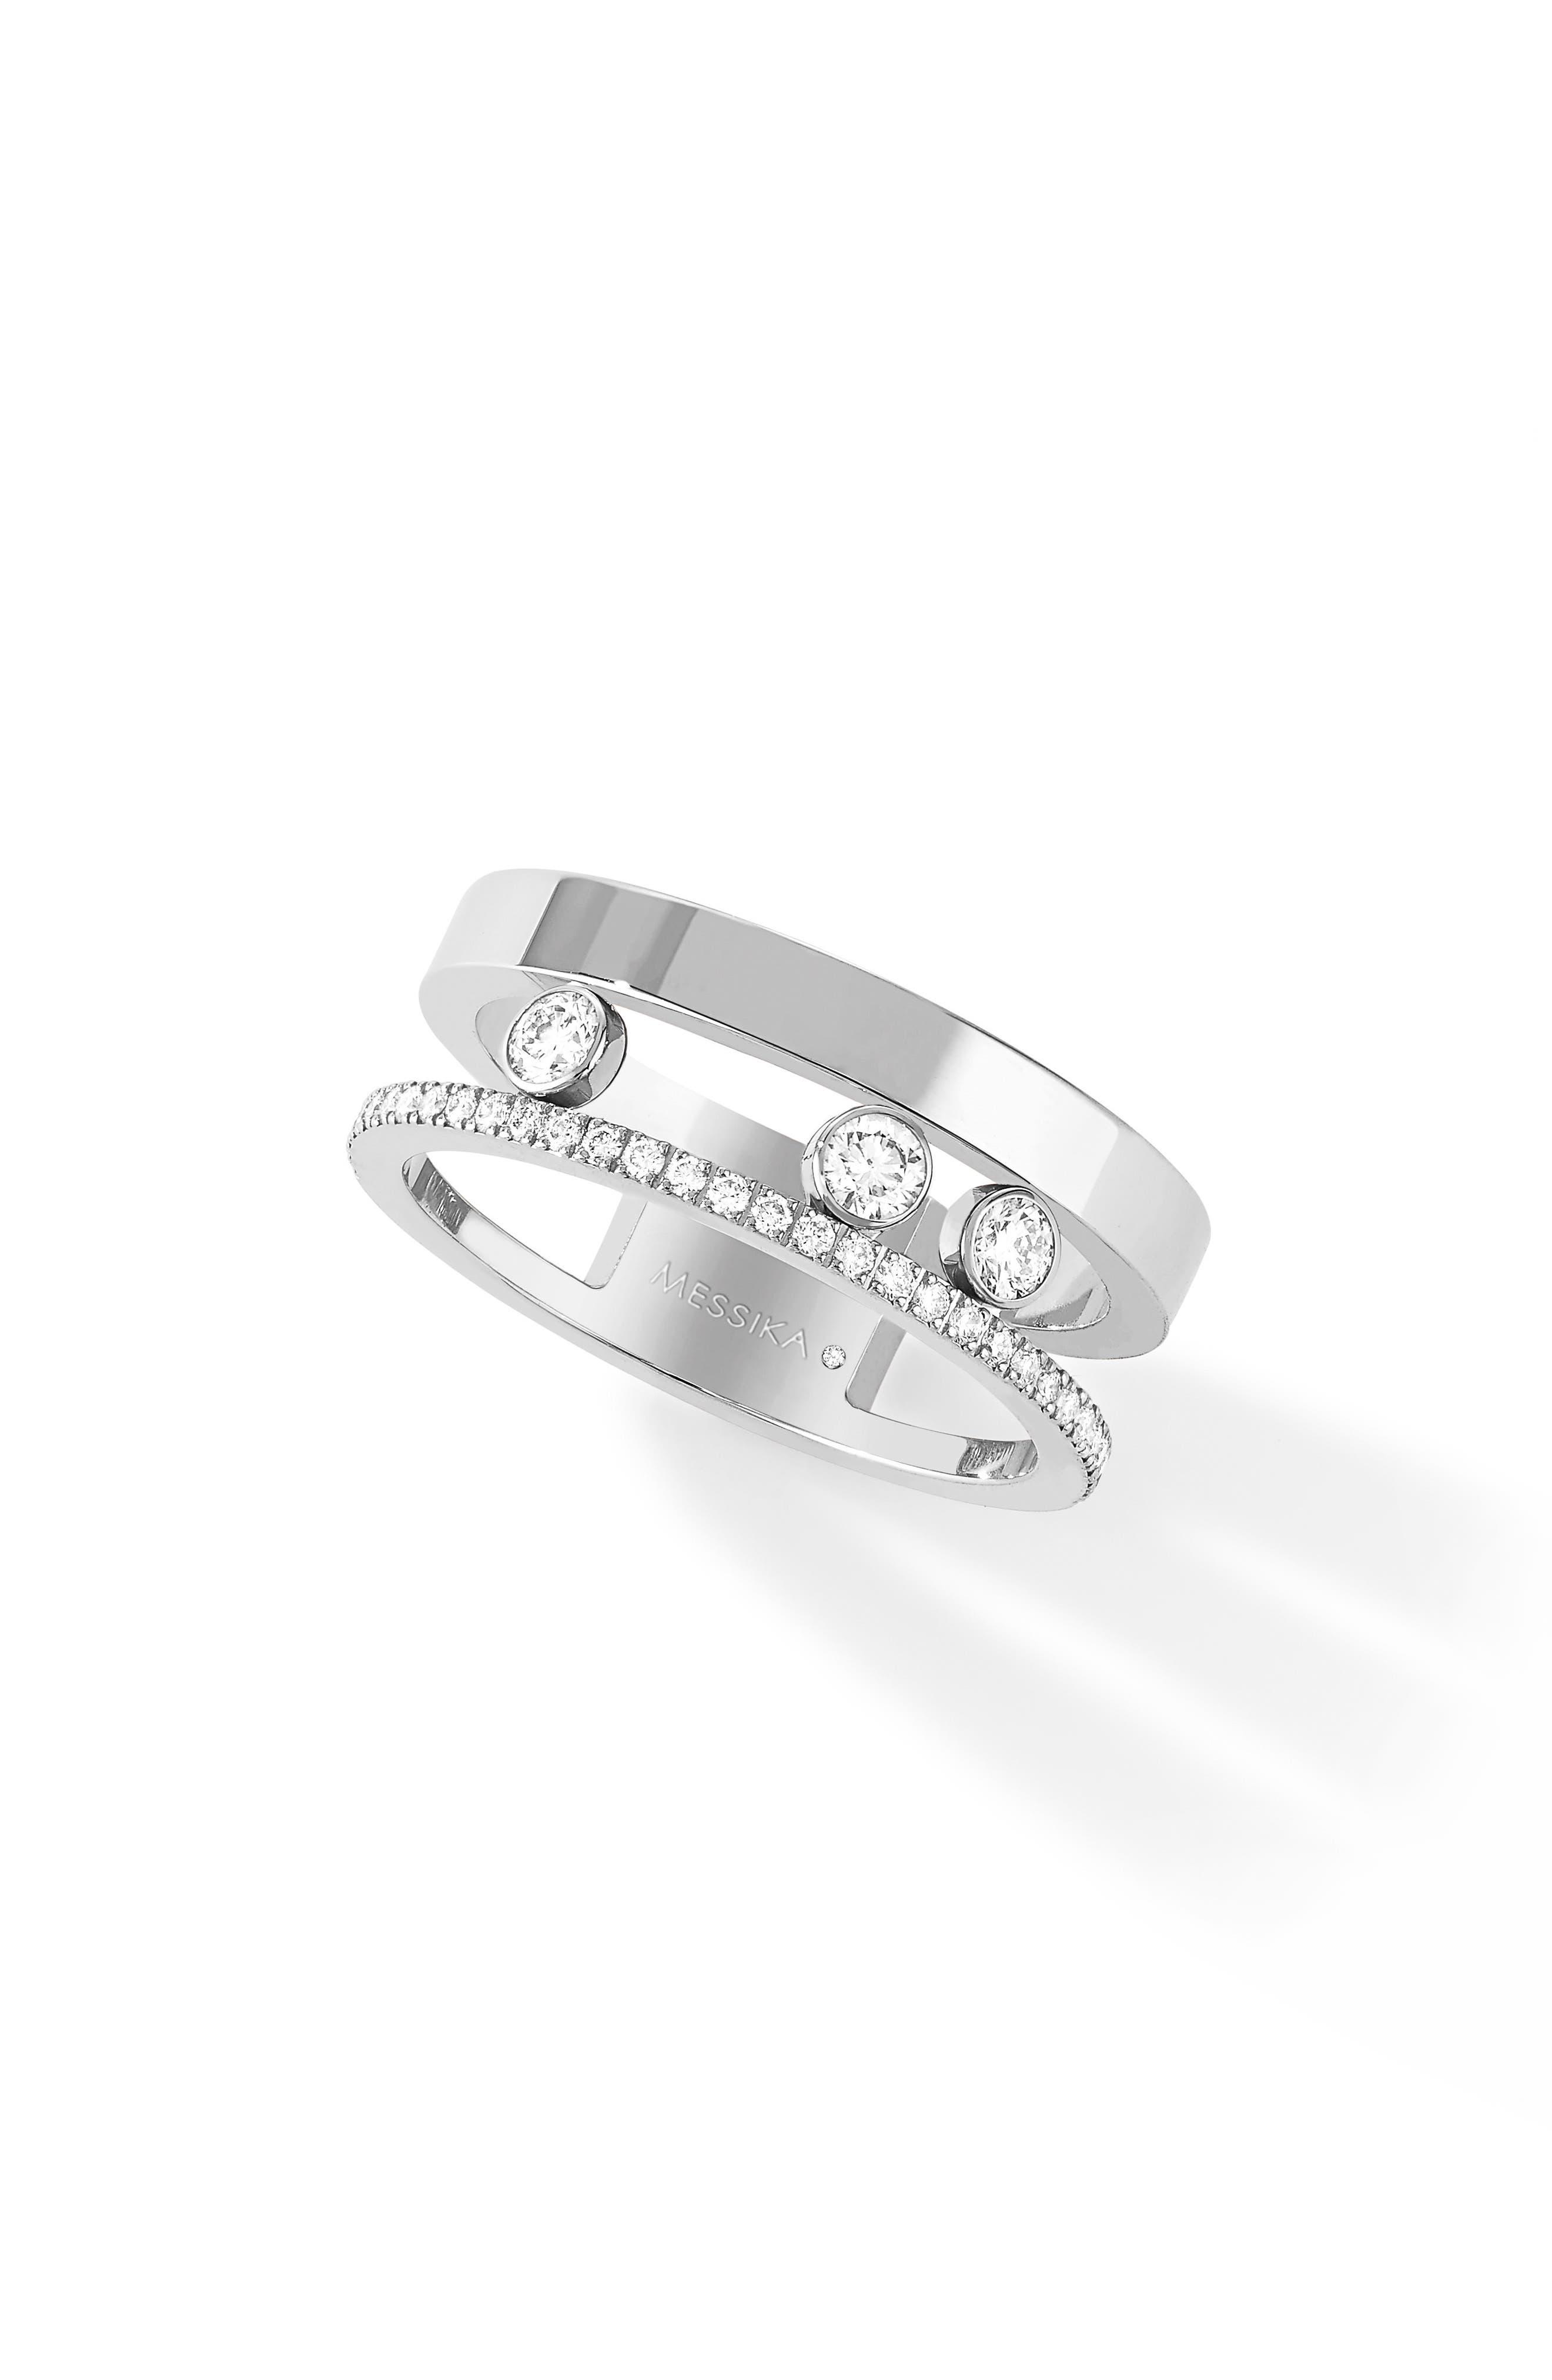 Messika Two Row Move Romane Diamond Ring